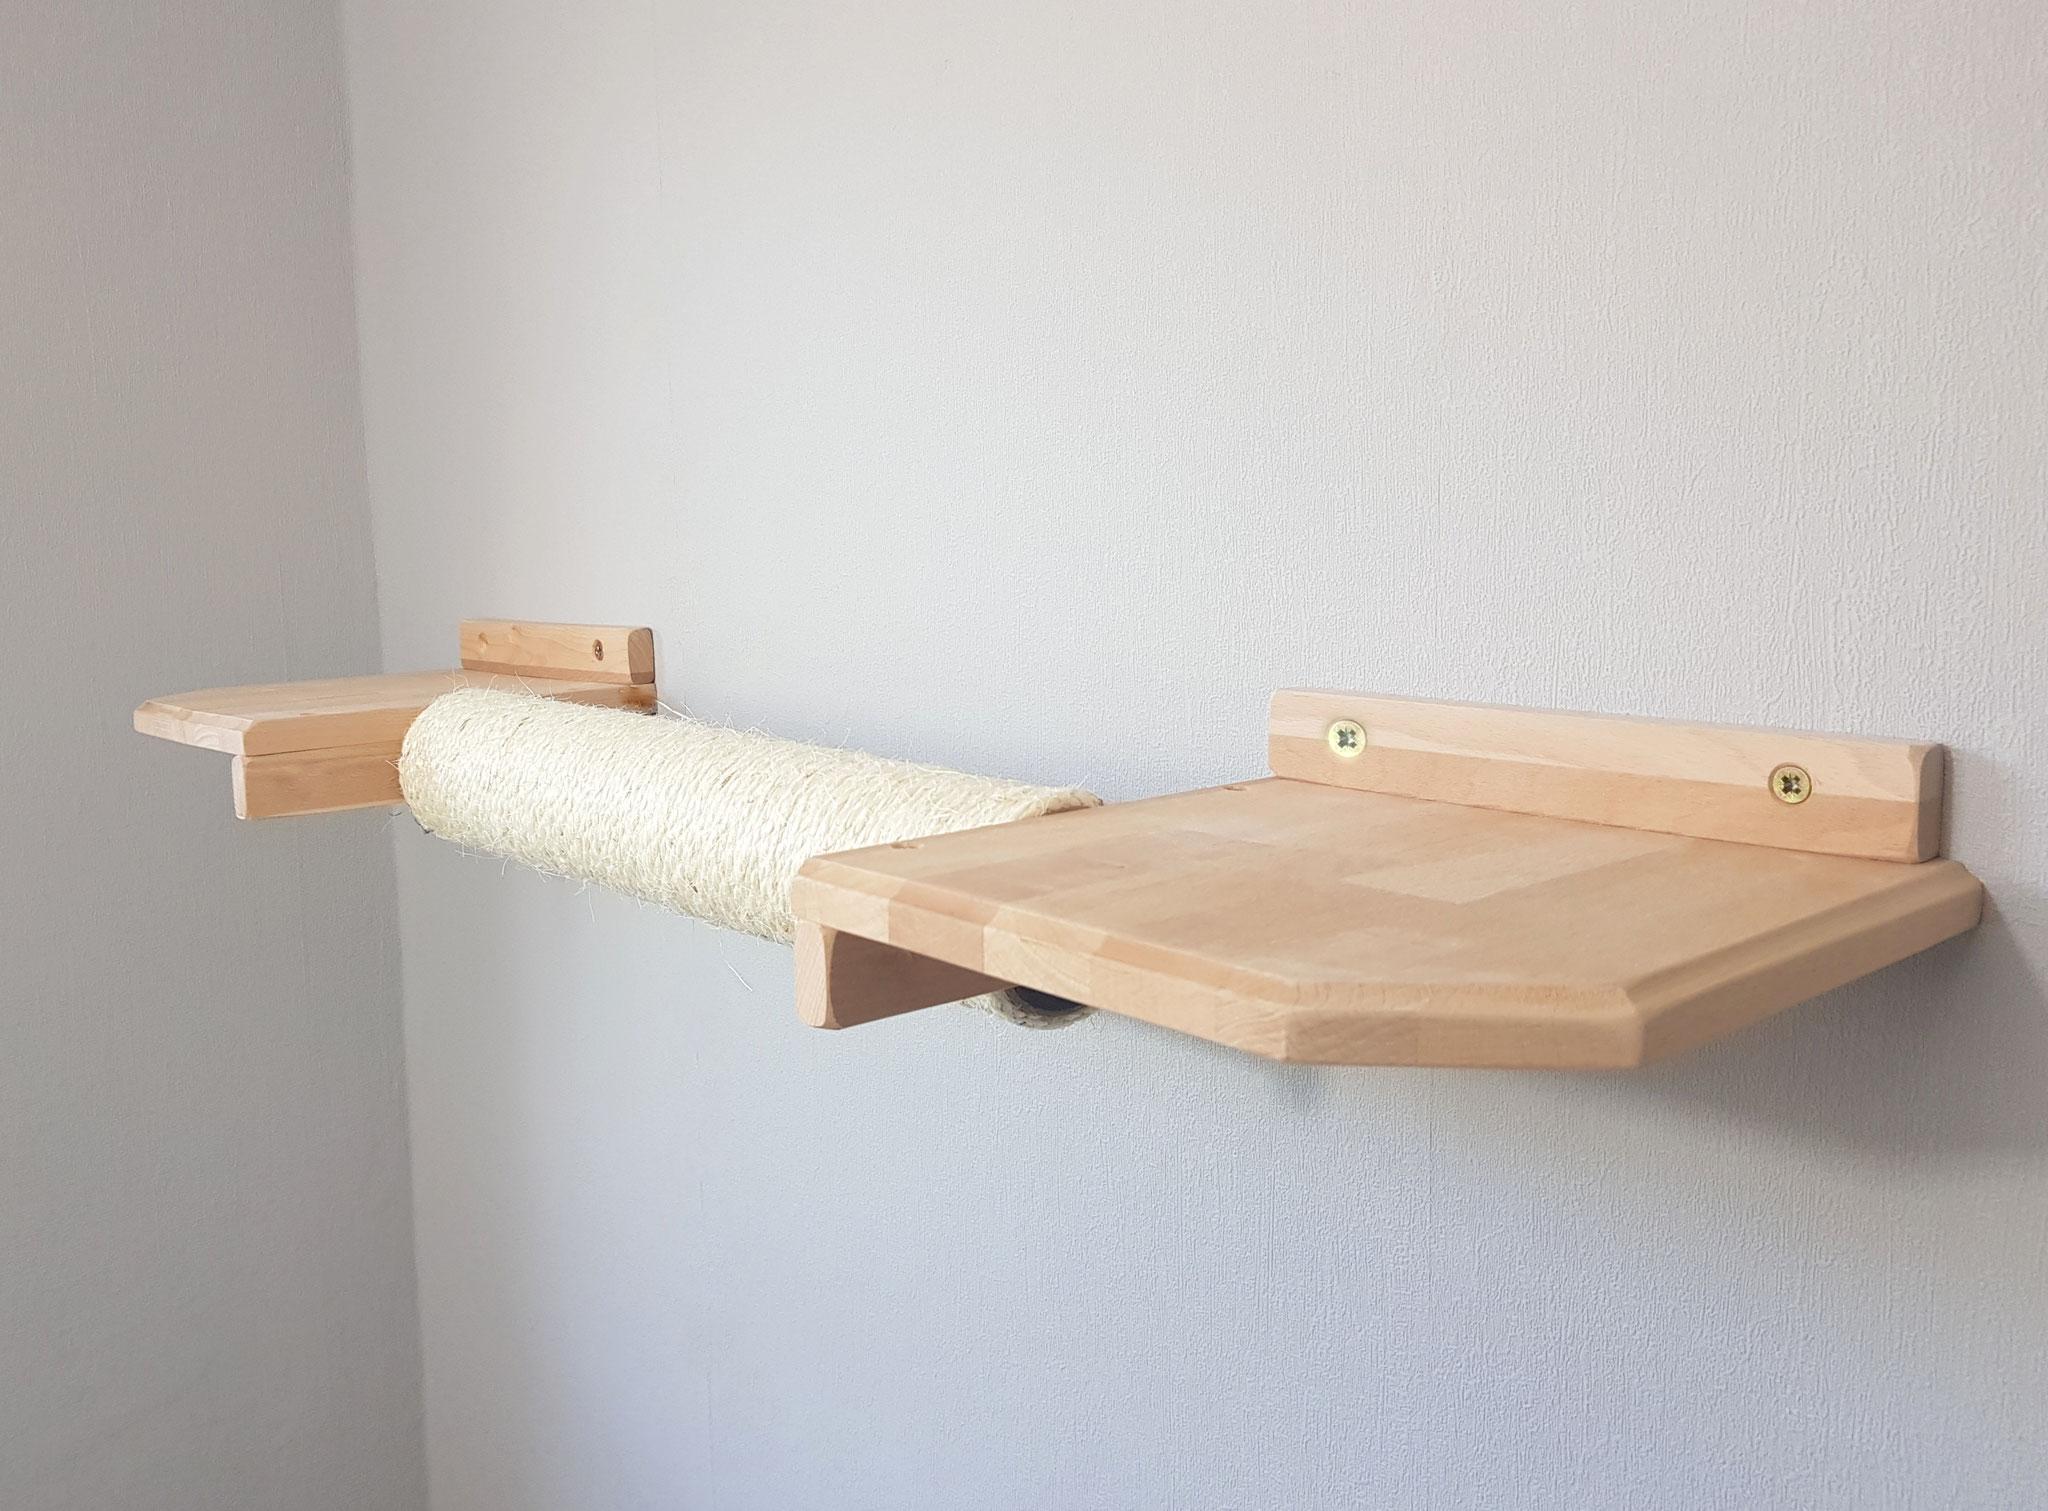 katzen kletterwand kratzbaum f r die wand und wandelemente f r katzen tolle katzen. Black Bedroom Furniture Sets. Home Design Ideas